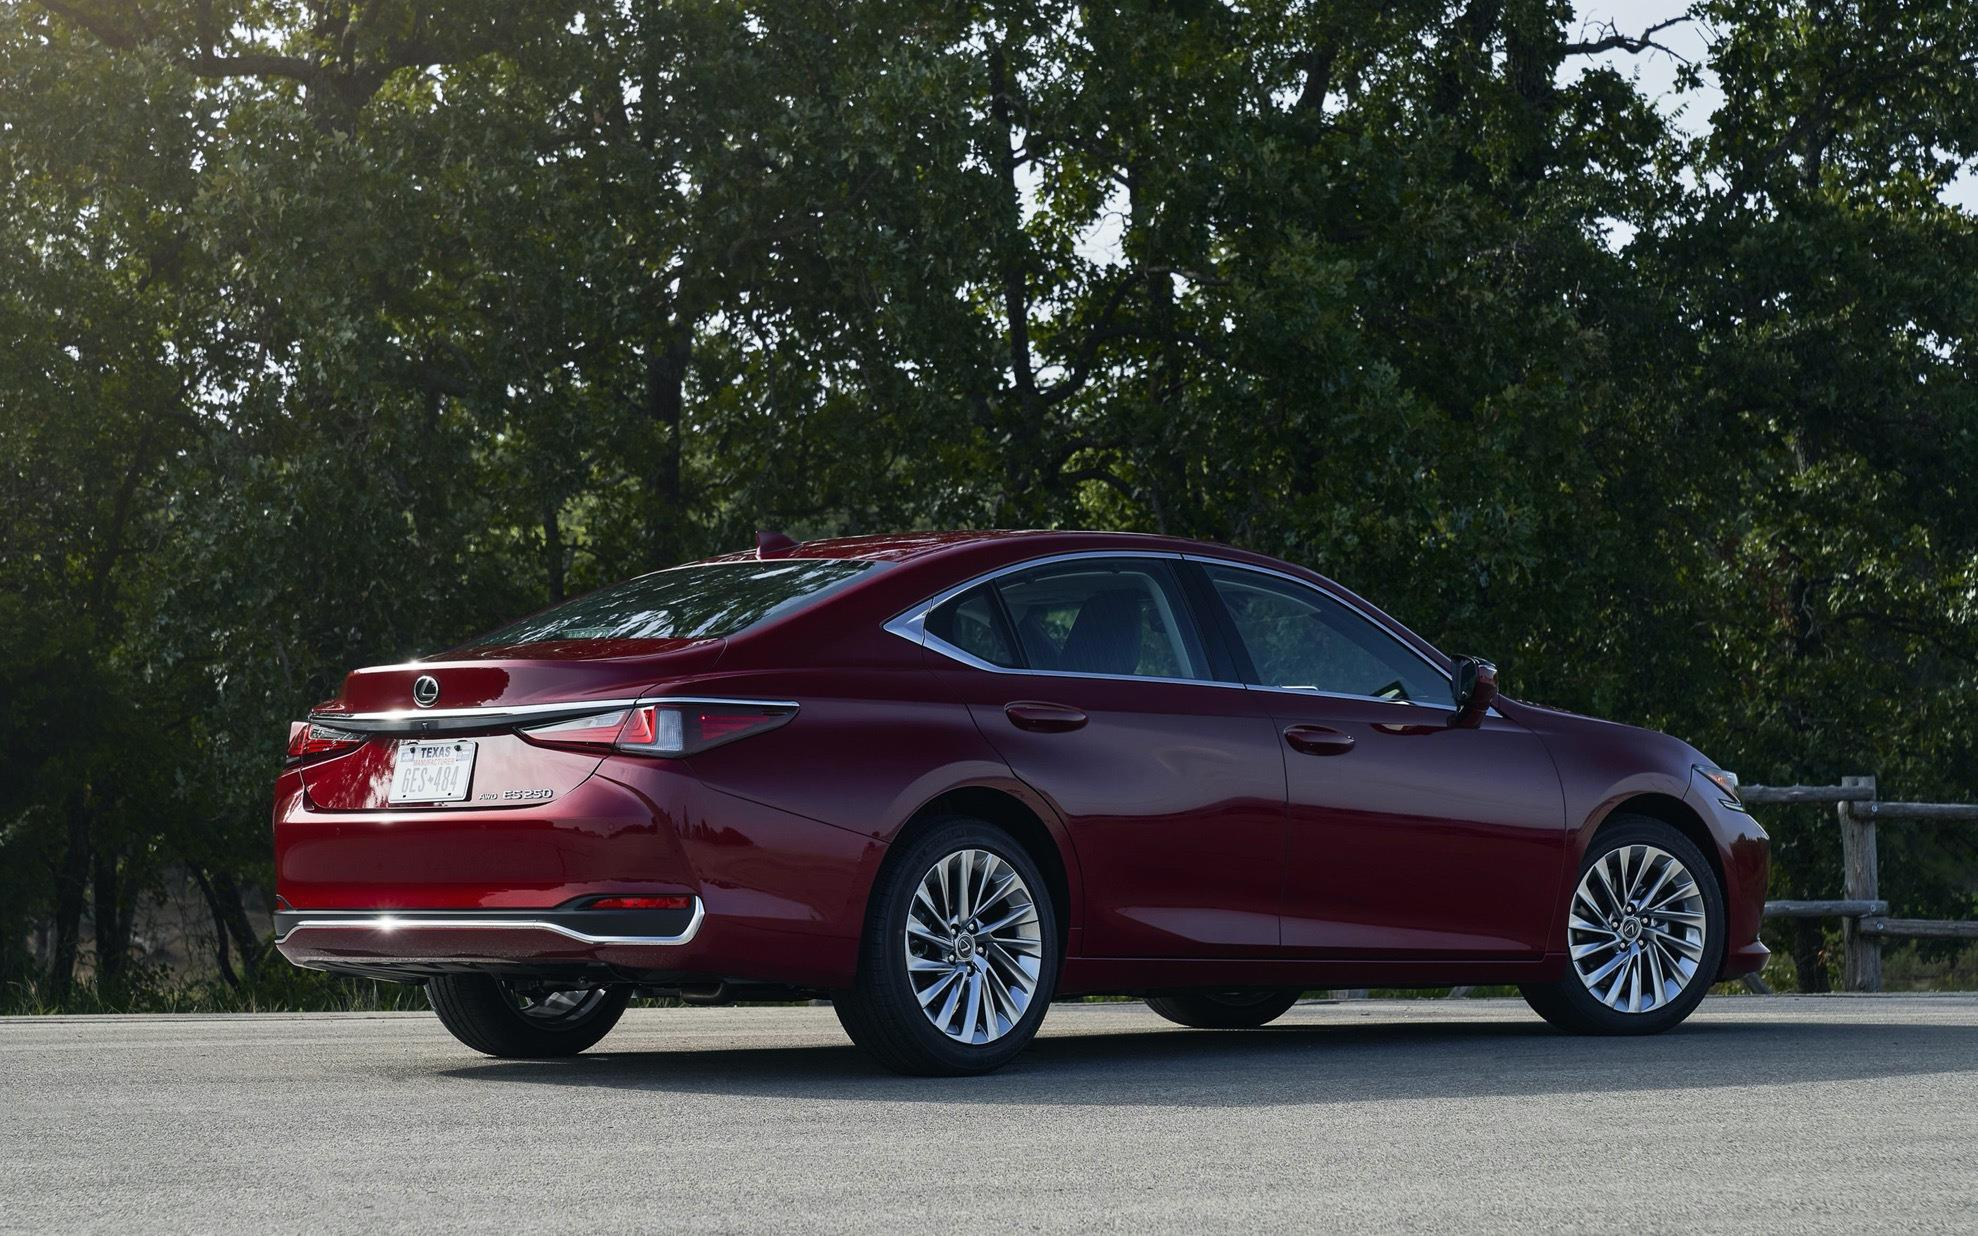 豐田又一豪車來襲,車長近5米,2.5L自吸發動機配四驅,油耗6.3L-圖7